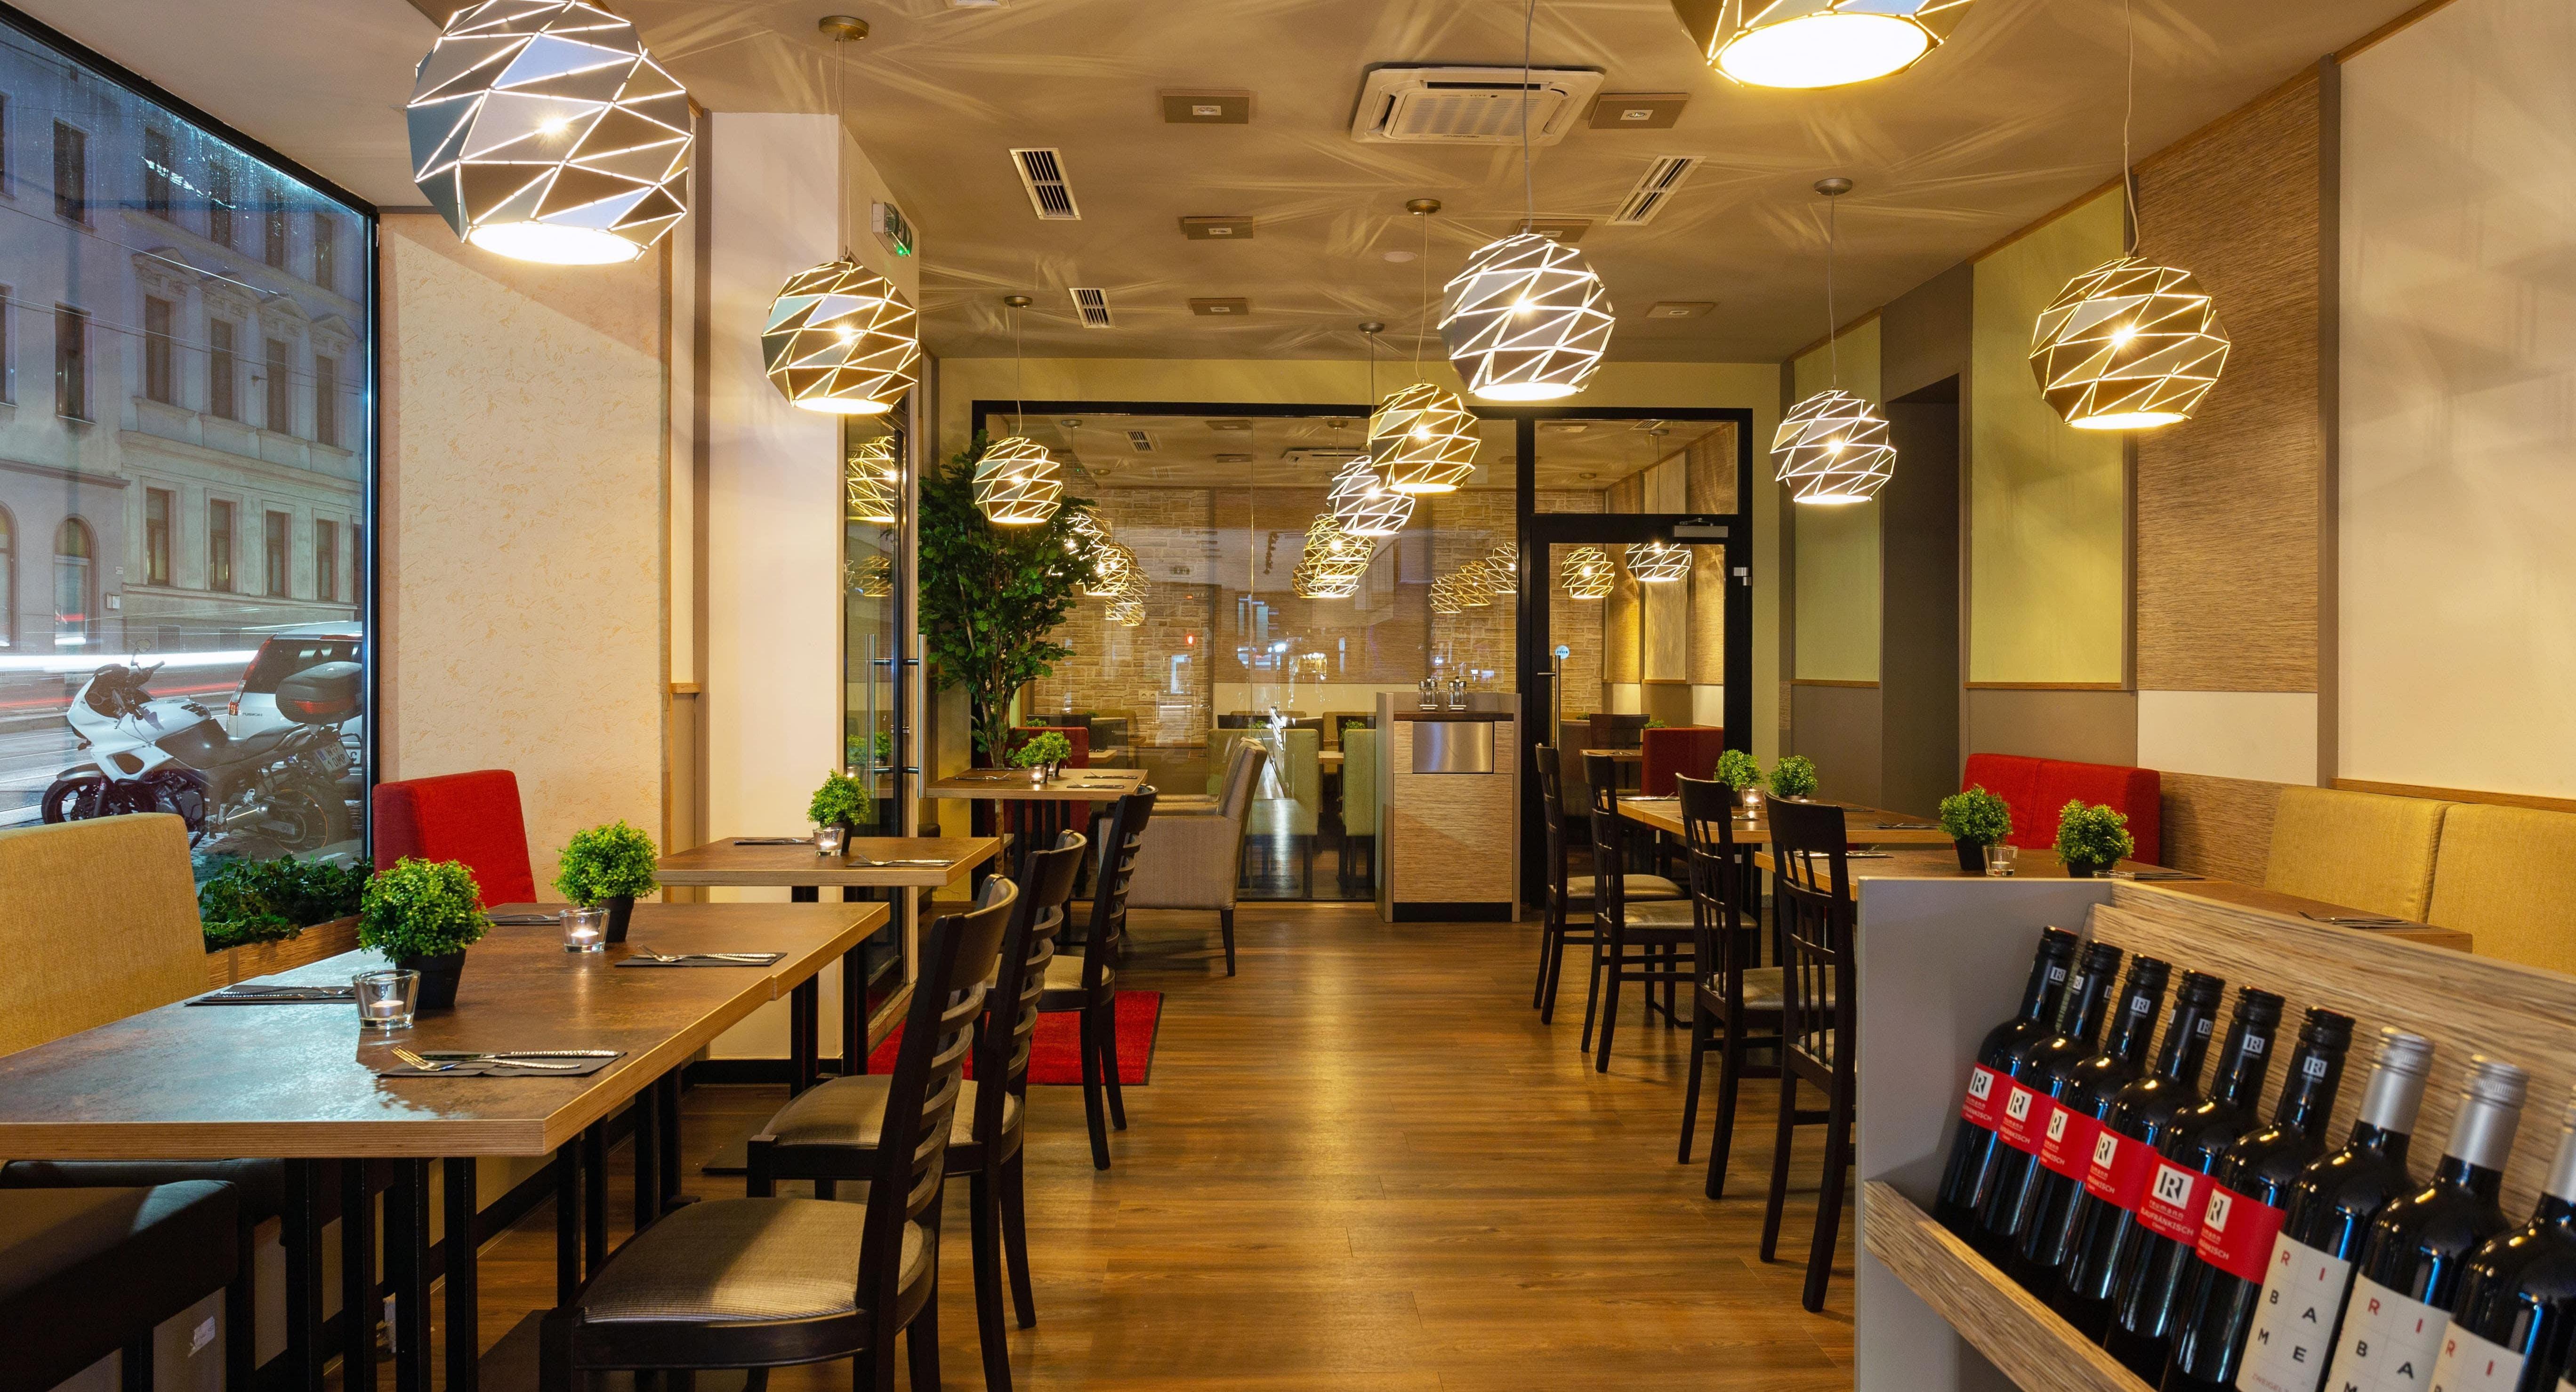 Duru Cafe Restaurant Vienna image 3